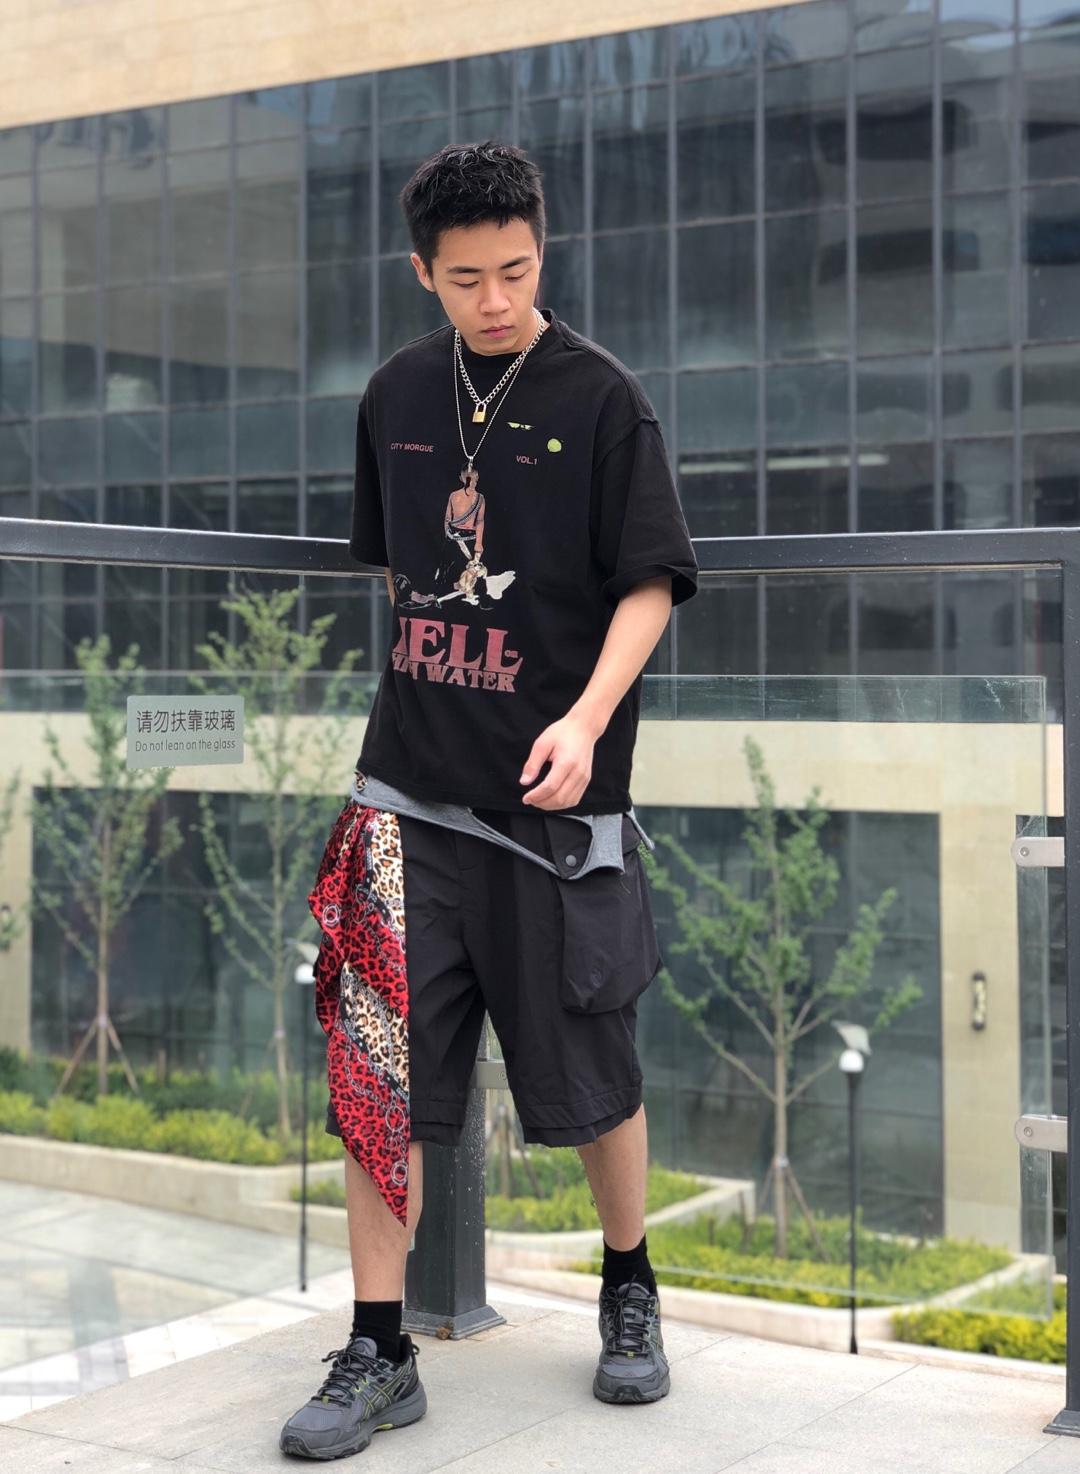 上衣:7SHIFT 打底:GLOWING STUDIO 裤子:WhoseTrap 鞋子Asics  黑色对于春夏也是一个比较适合的颜色,不是很亮眼但也不至于平淡,给人较为清新舒适的观者体验,那么索性也搭配简单宽松的短裤,通过上衣将二者分隔开,腰间的方巾算是一个punchline,和上衣的黑红色相同色系但颜色上更加张扬。#偷师网红!小个子夏日这样穿#